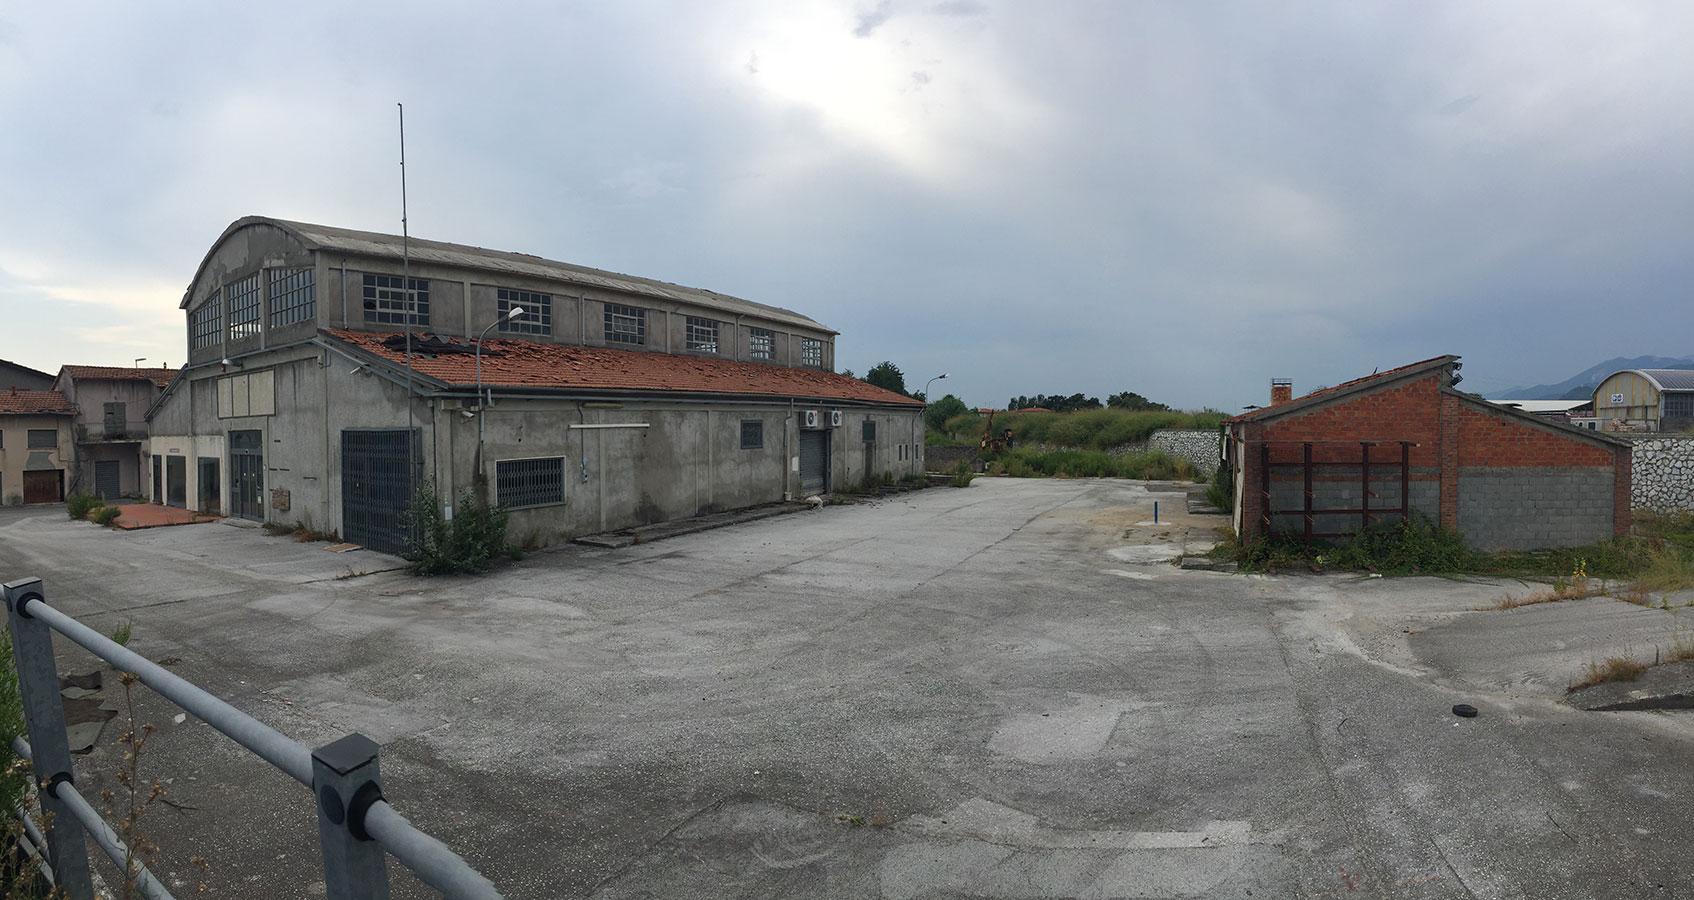 Incontro pubblico a Querceta per il piano di recupero dell'area artigianale dismessa di Ponte di Tavole